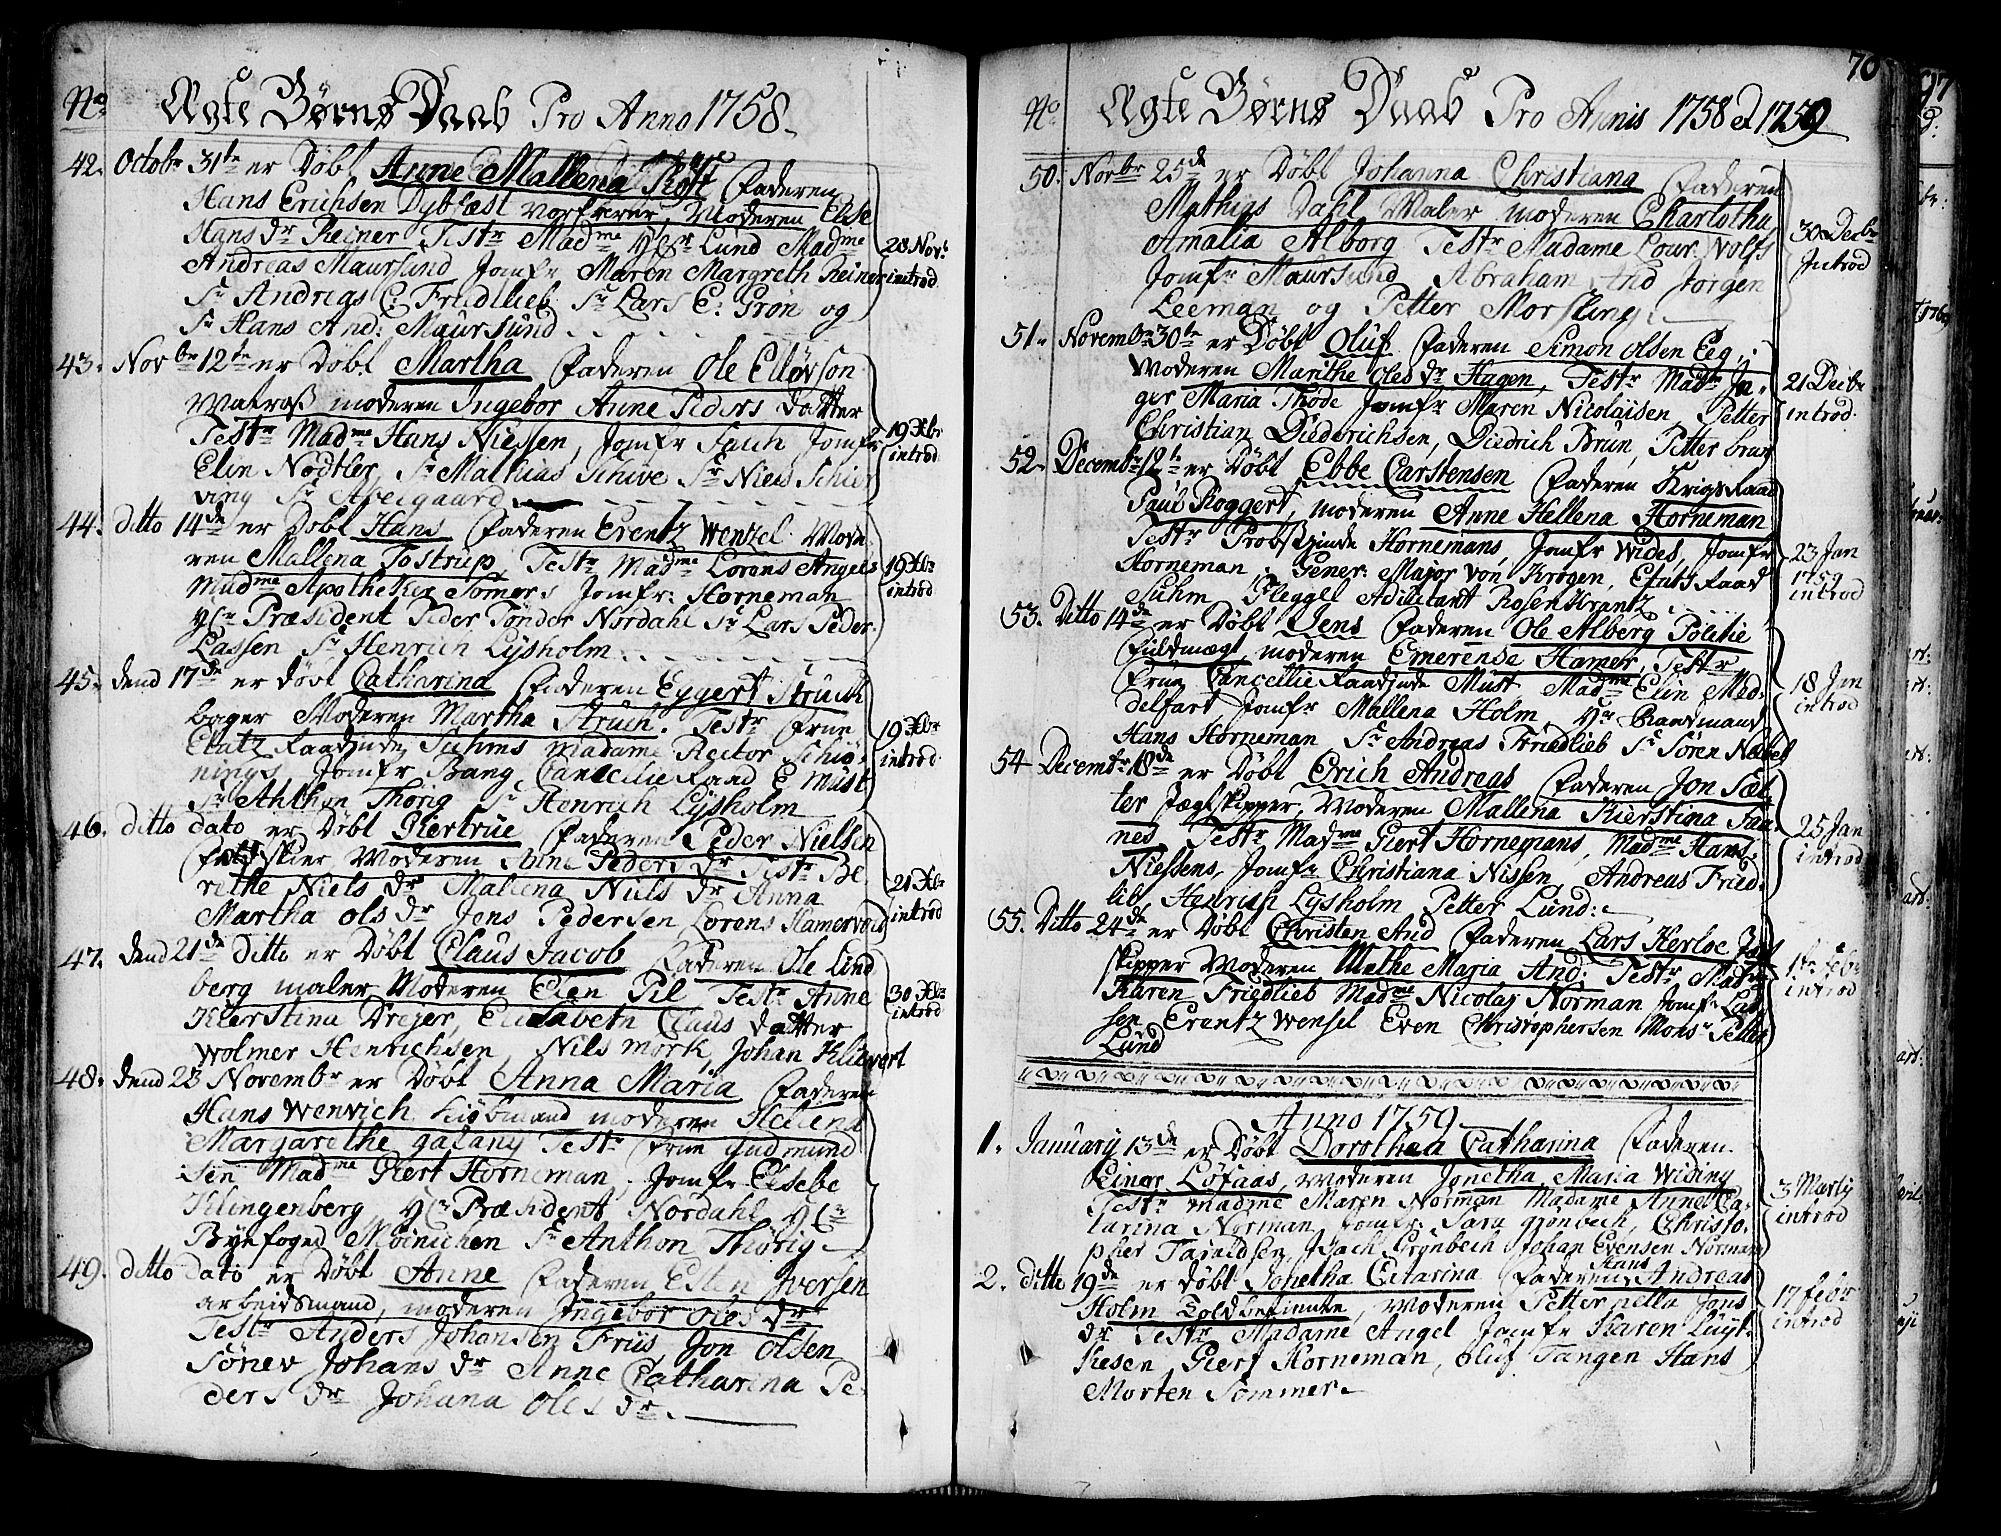 SAT, Ministerialprotokoller, klokkerbøker og fødselsregistre - Sør-Trøndelag, 602/L0103: Ministerialbok nr. 602A01, 1732-1774, s. 70